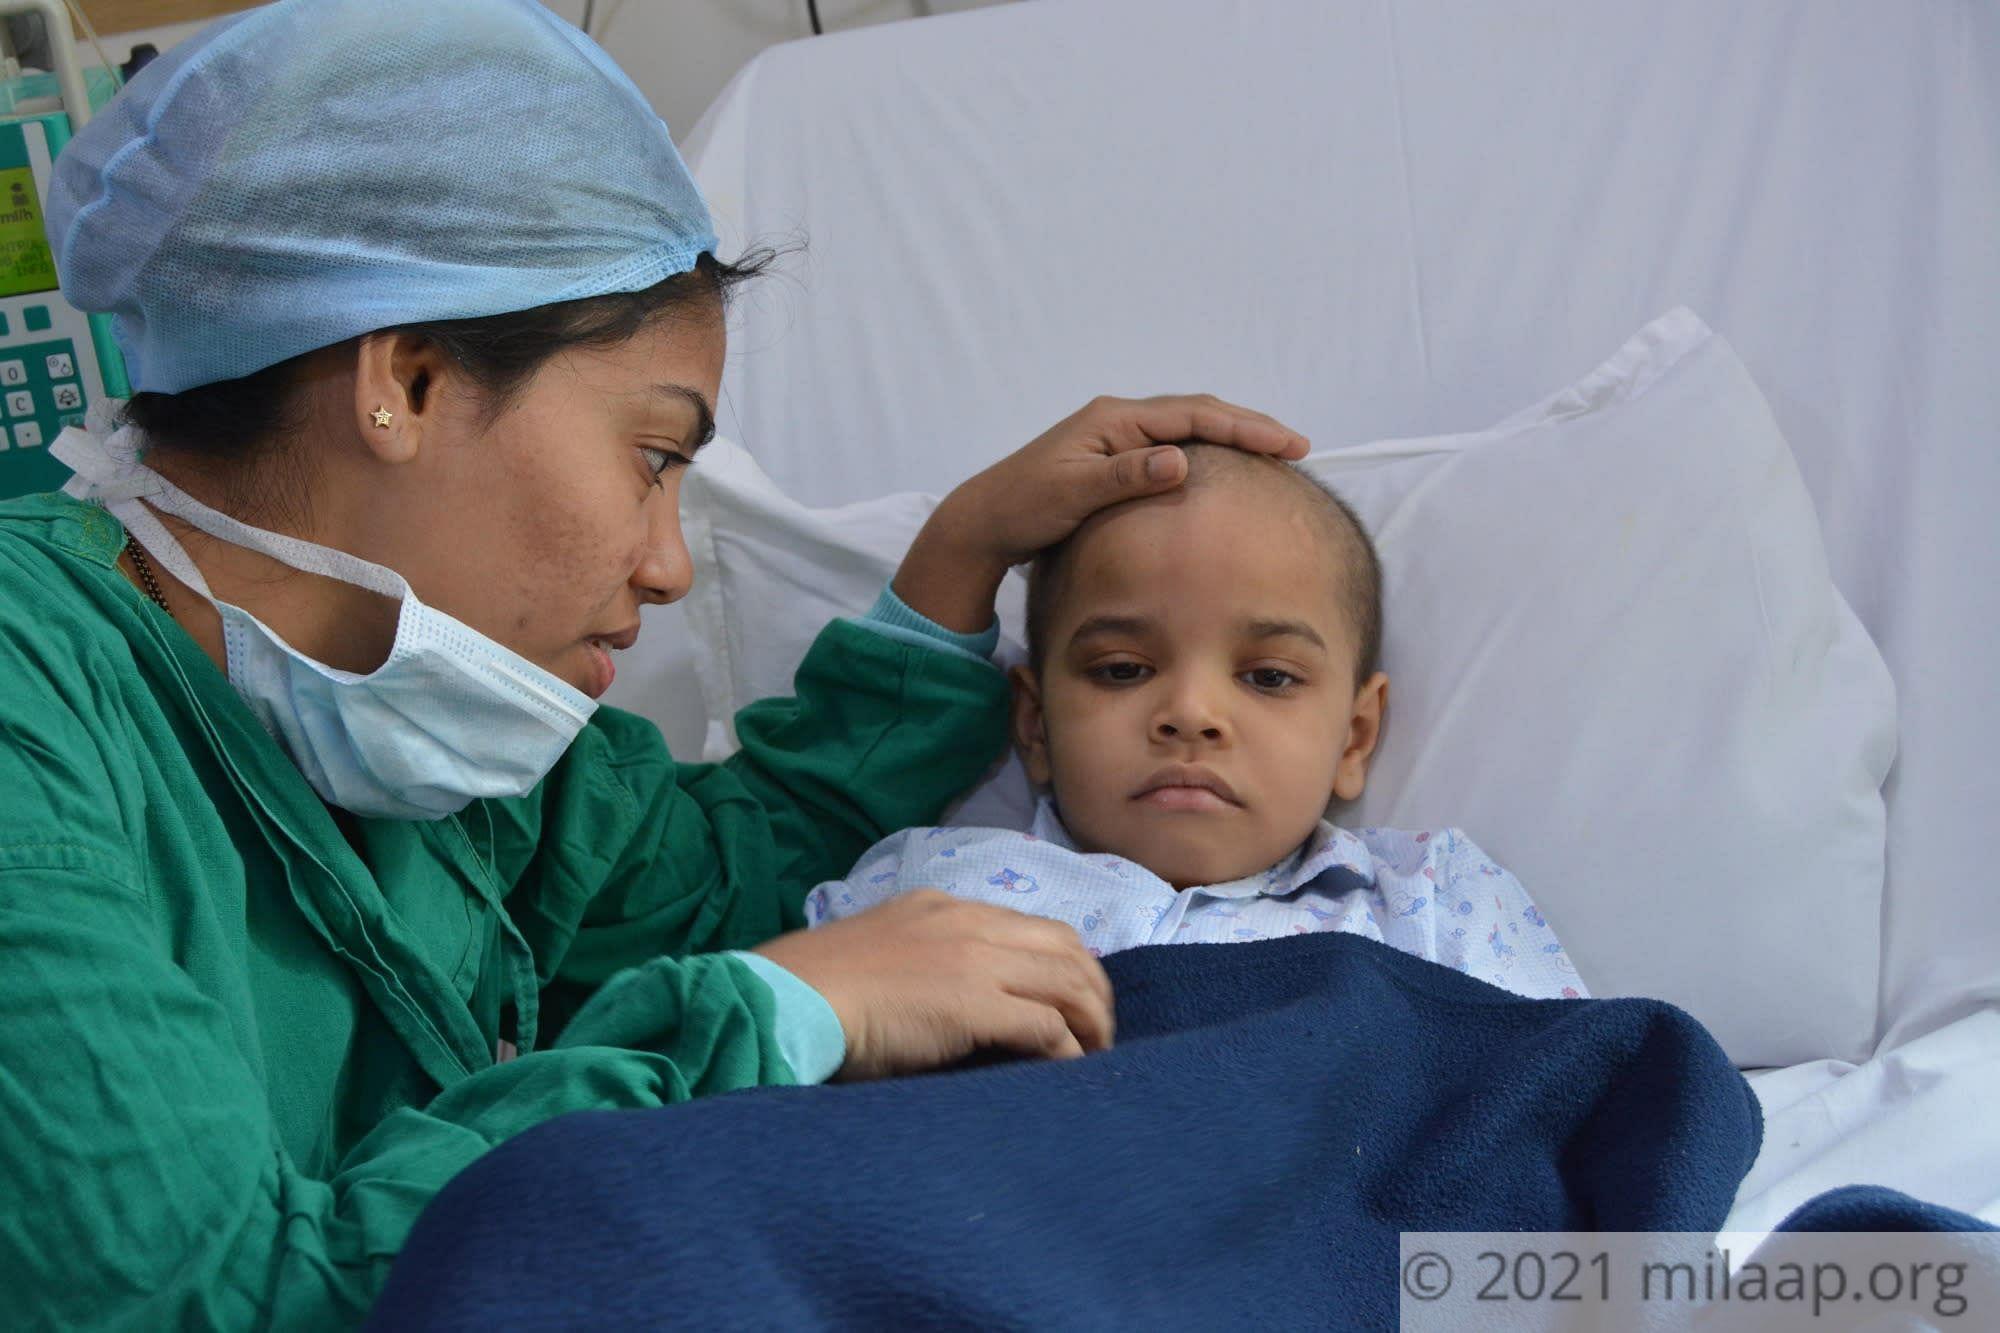 Aarush surya hospital 17 ulvdcj 1574139342